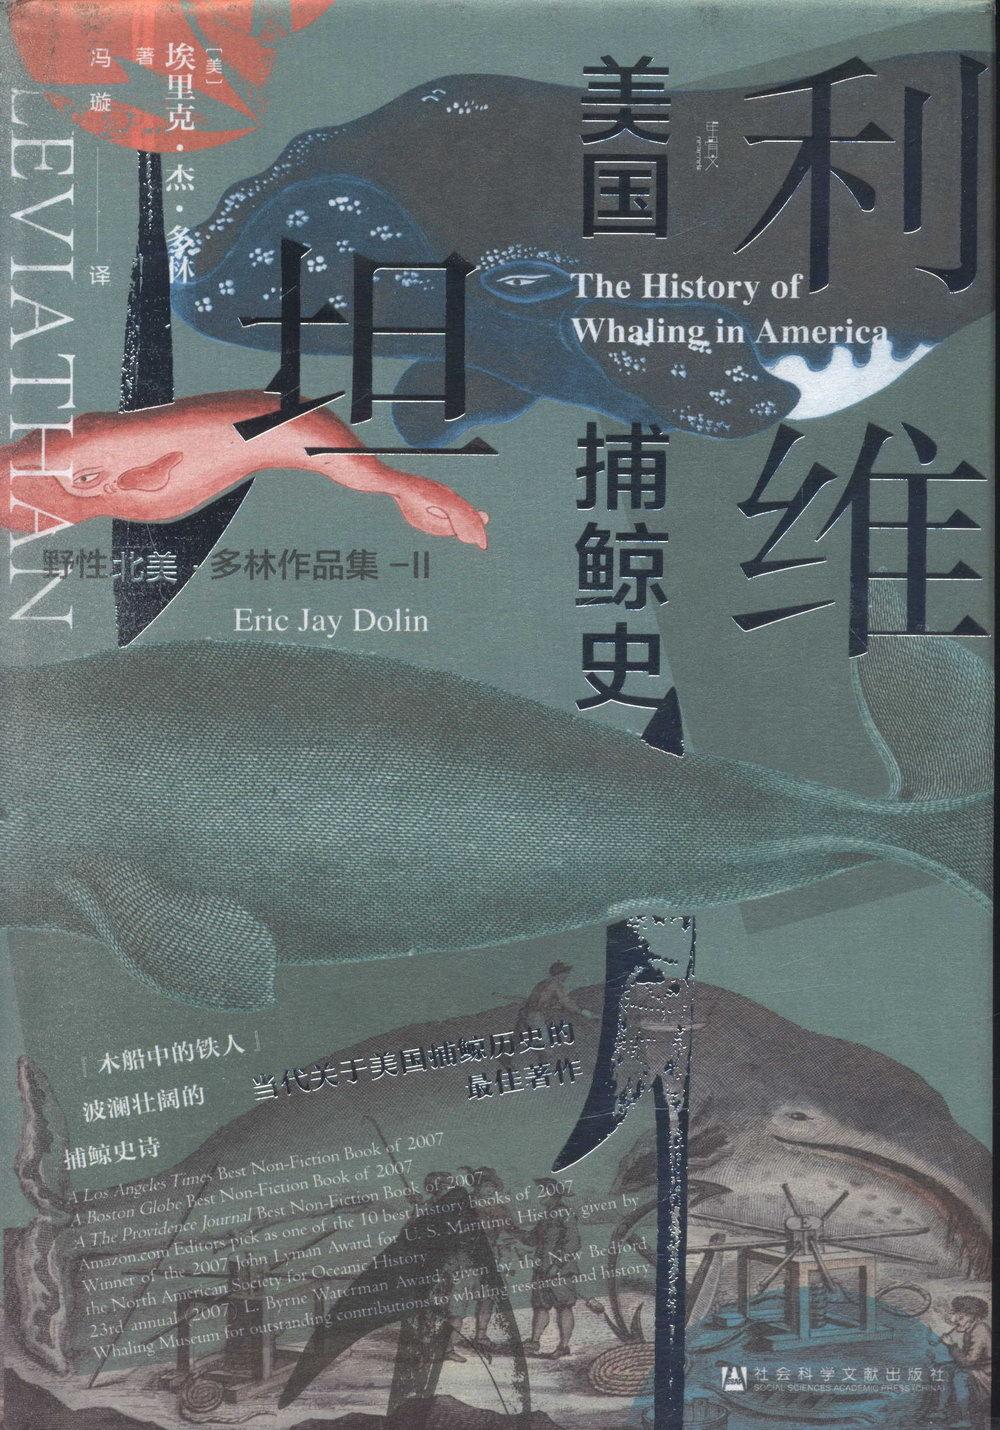 利維坦:美國捕鯨史